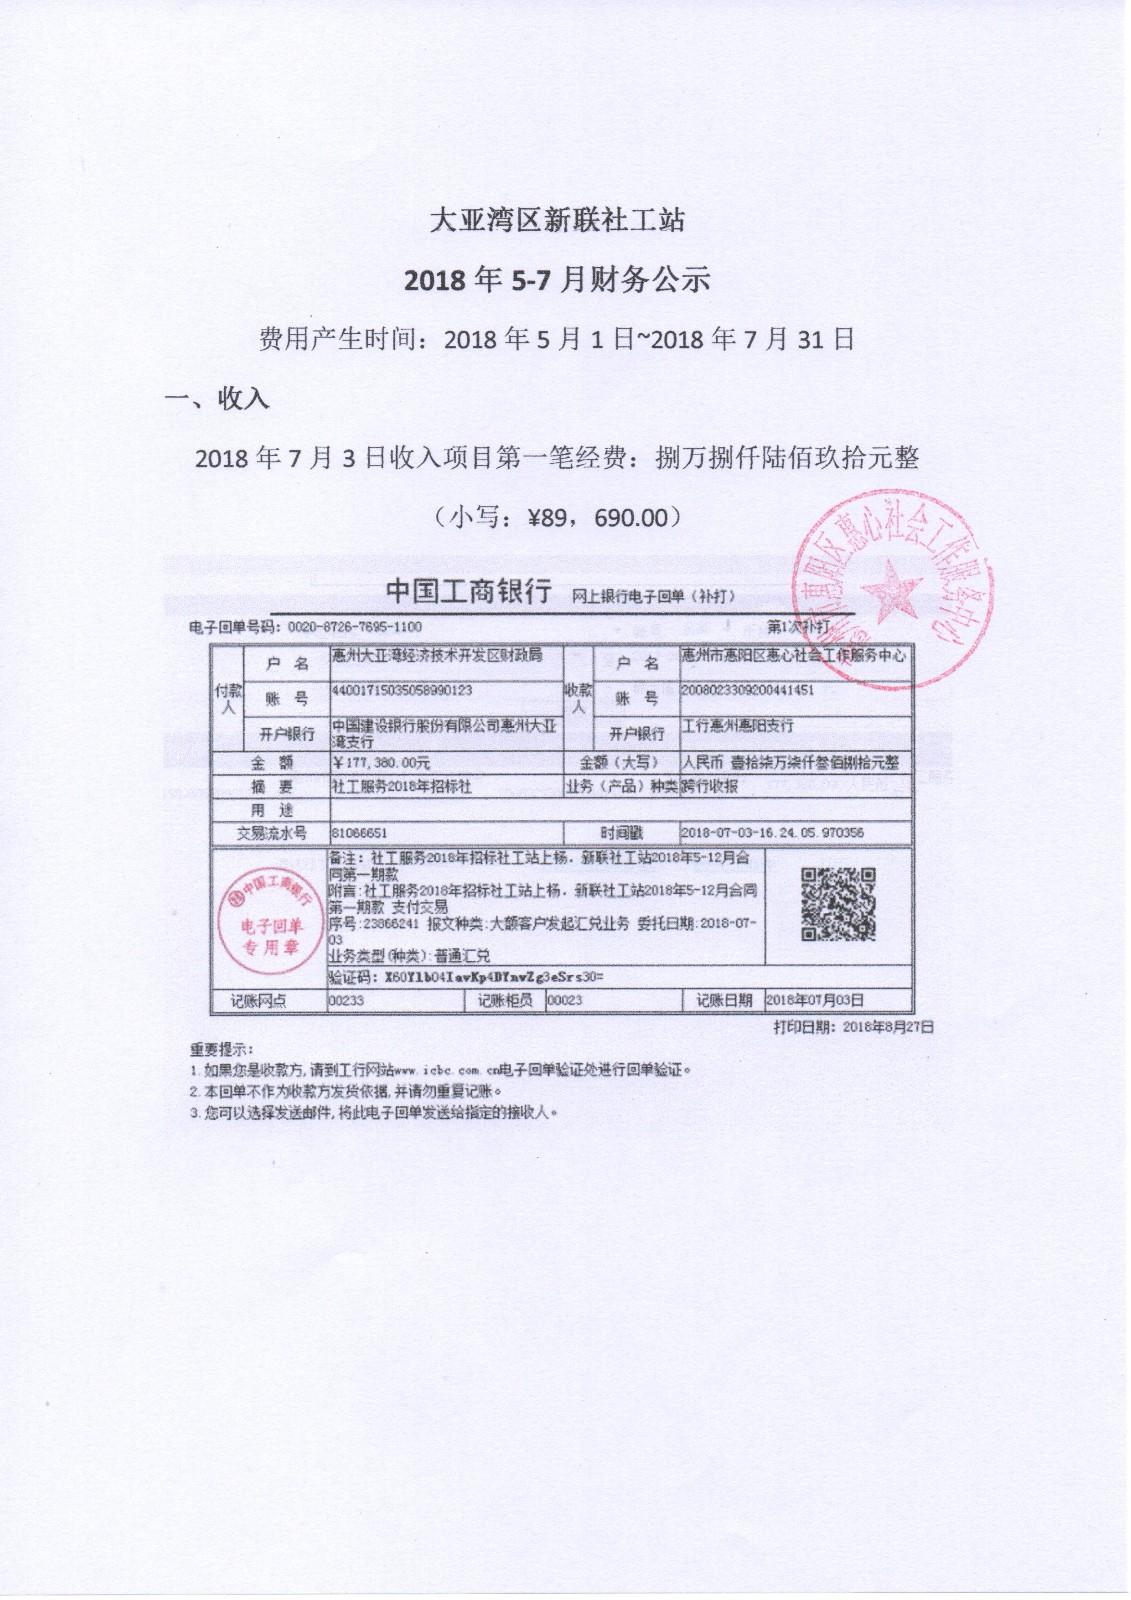 新联社工站2018年5月-7月财务公示|公告栏-网赌ag作弊器|官网